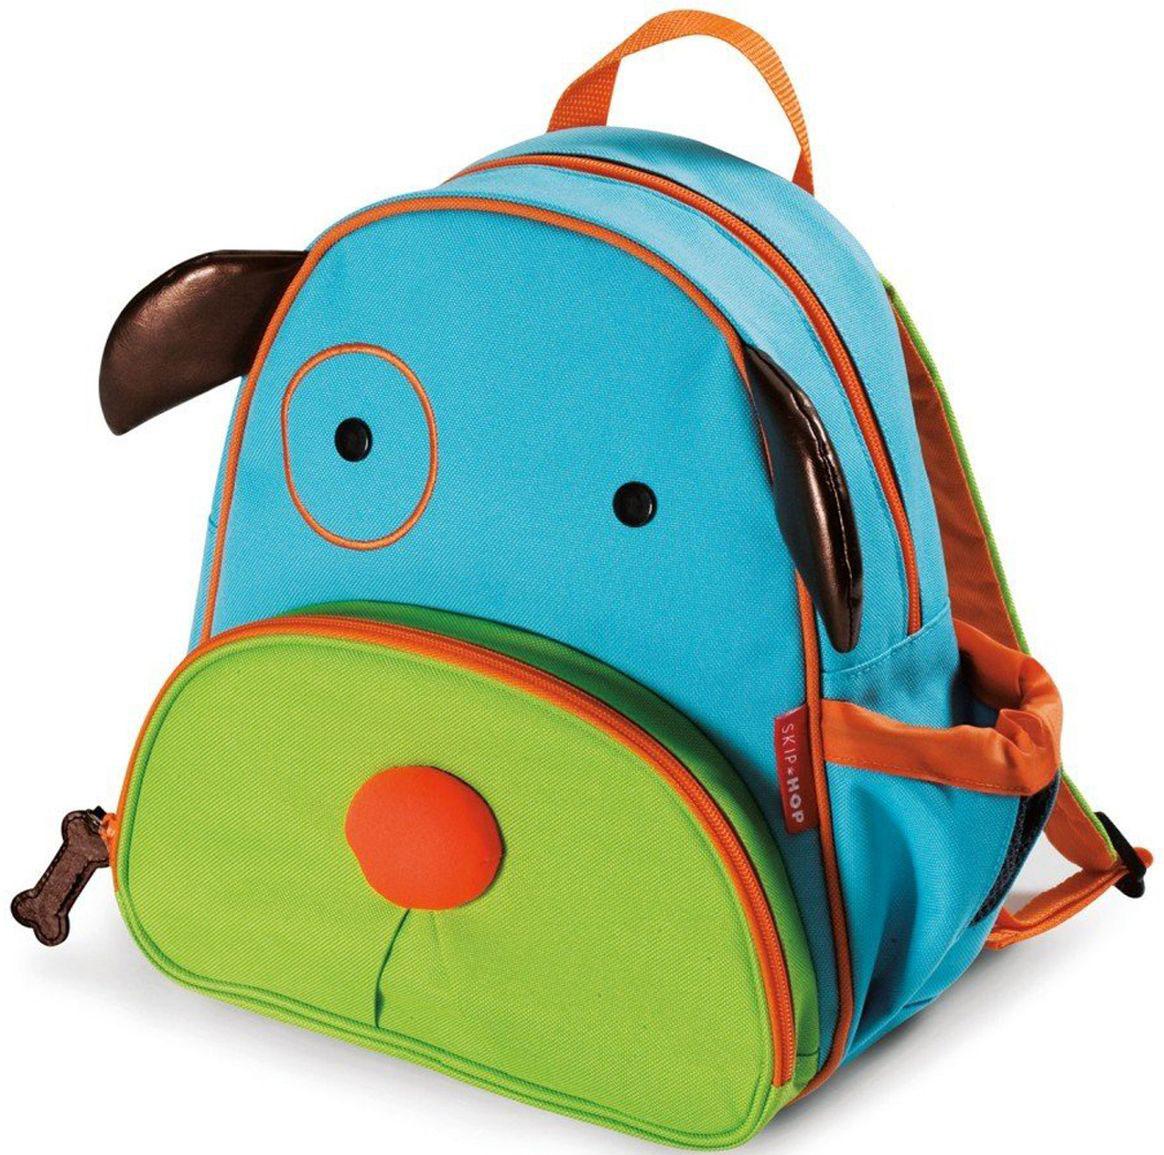 Skip Hop Рюкзак дошкольный СобакаSH 210201Дошкольный рюкзак Skip Hop каждый день будет радовать вашего малыша, вызывать улыбки у прохожих и зависть у сверстников. С ним можно ходить в детский сад, на прогулку, в гости к бабушке или ездить на экскурсии.Рюкзак имеет одно основное отделение на застежке-молнии, в которое легко поместятся книжка, альбом для рисования, краски, фломастеры, любимая игрушка и контейнер с едой, а кармашек сбоку предназначен специально для бутылочки с водой. Передний карман на молнии предназначен для мелких вещей.Рюкзак оснащен ручкой для переноски в руках и лямками регулируемой длины.